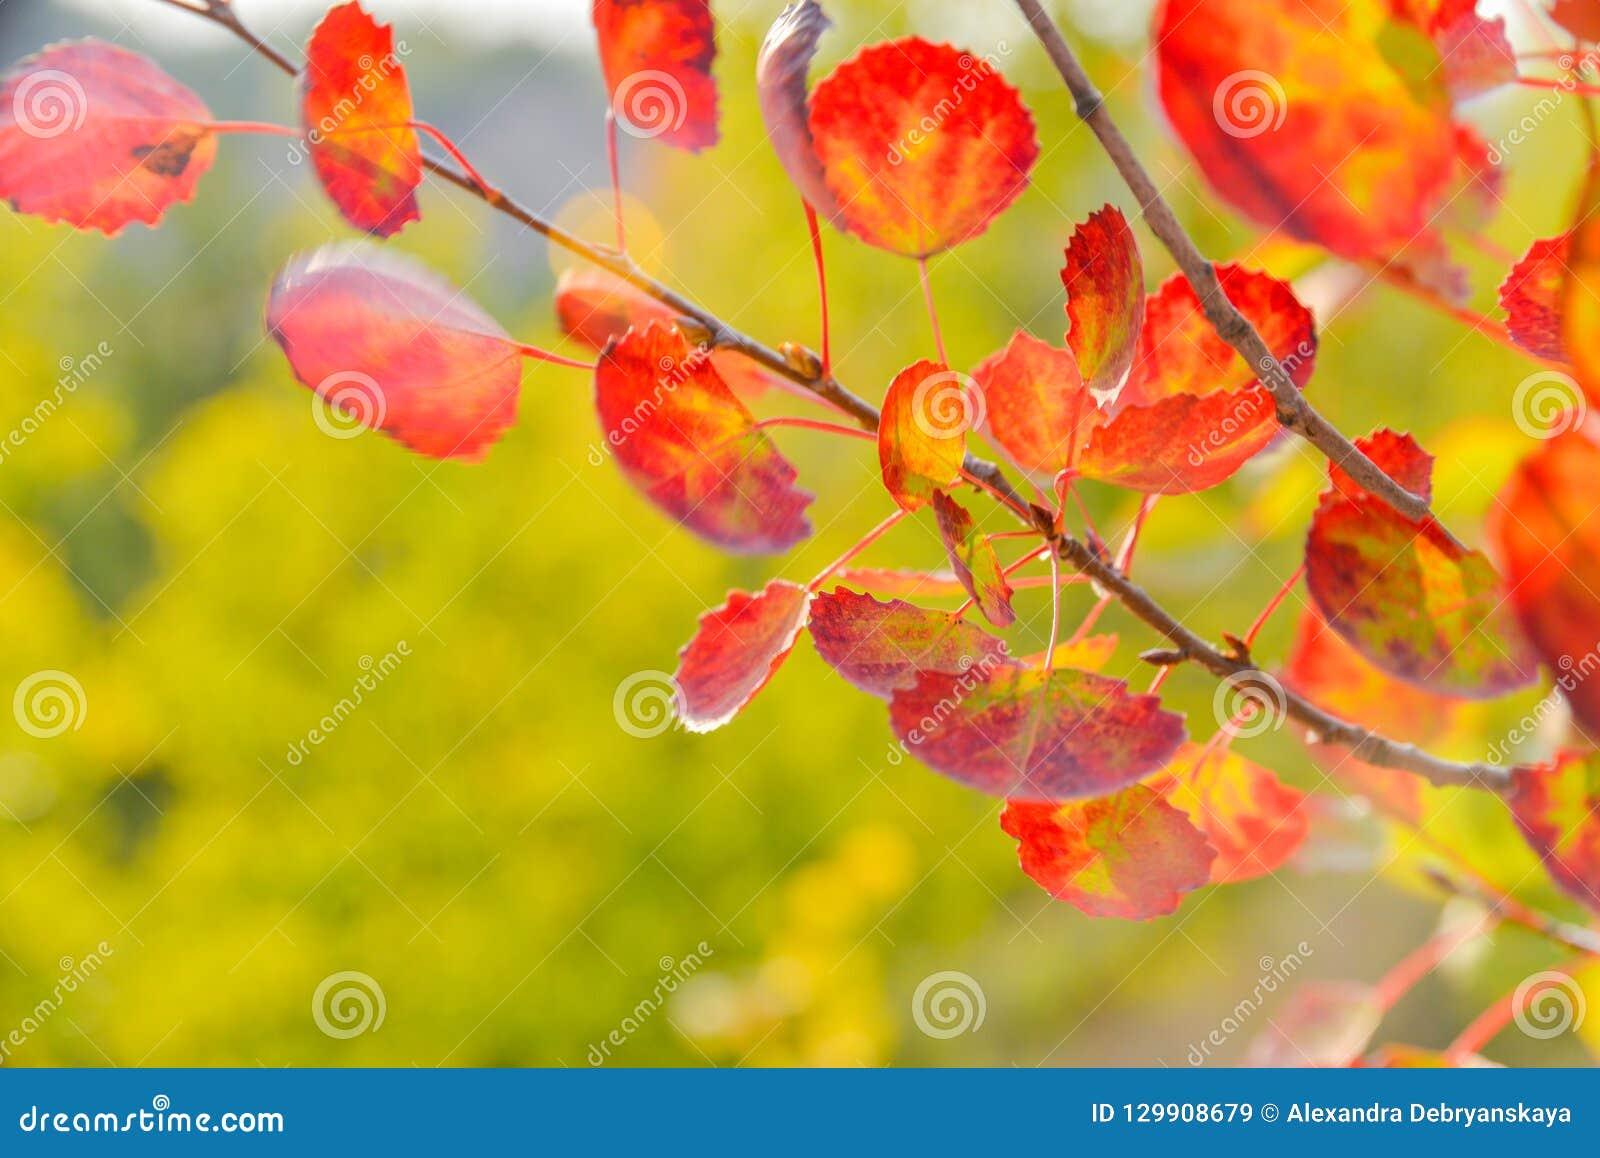 De herfst gele en rode bladeren aspen Aard van centraal Rusland